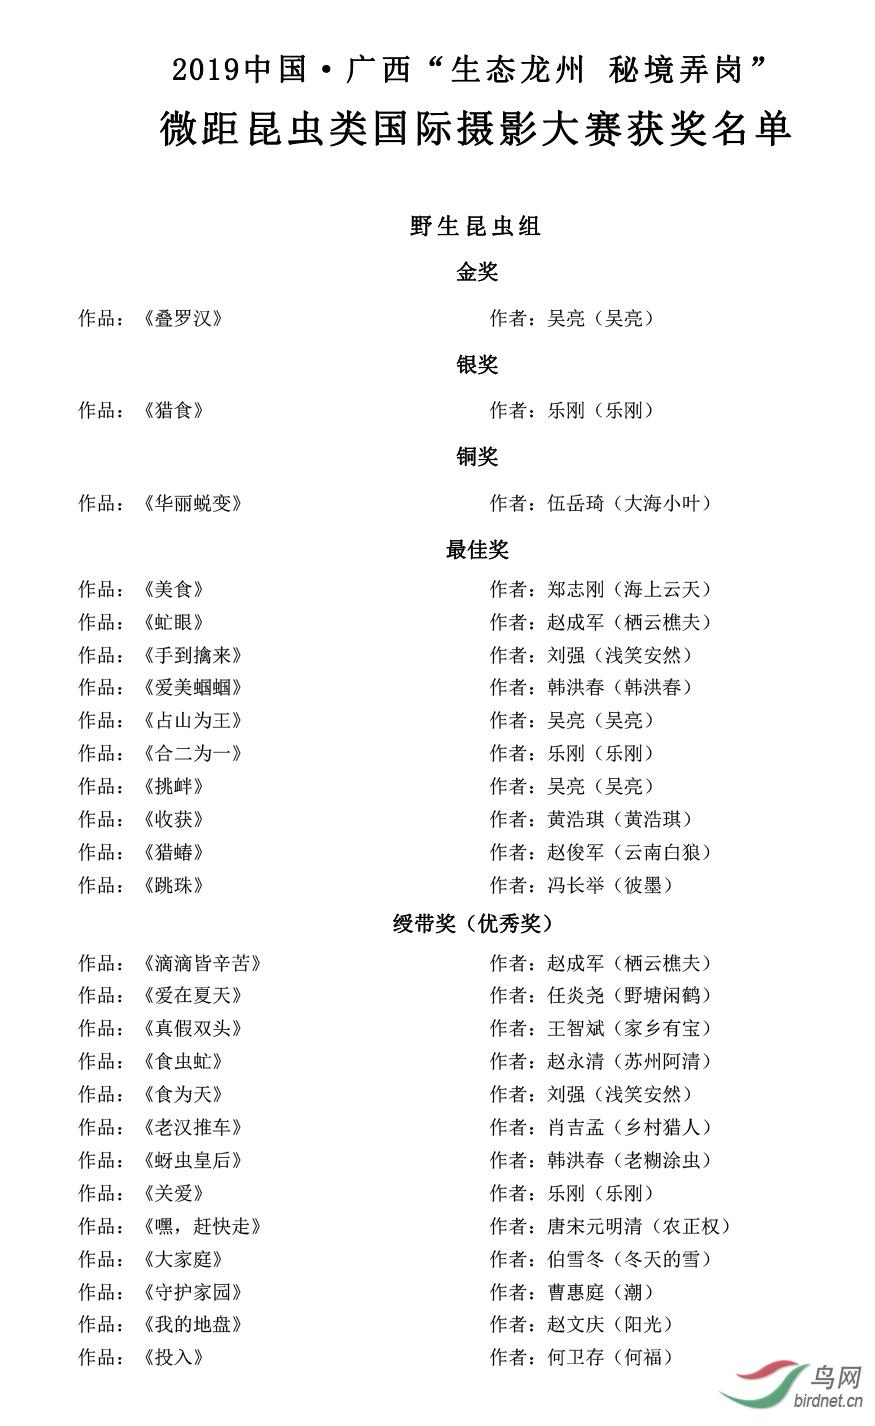 """2019中国·广西""""生态龙州 秘境弄岗""""微距昆虫类国际摄影大赛-1 拷贝.jpg"""